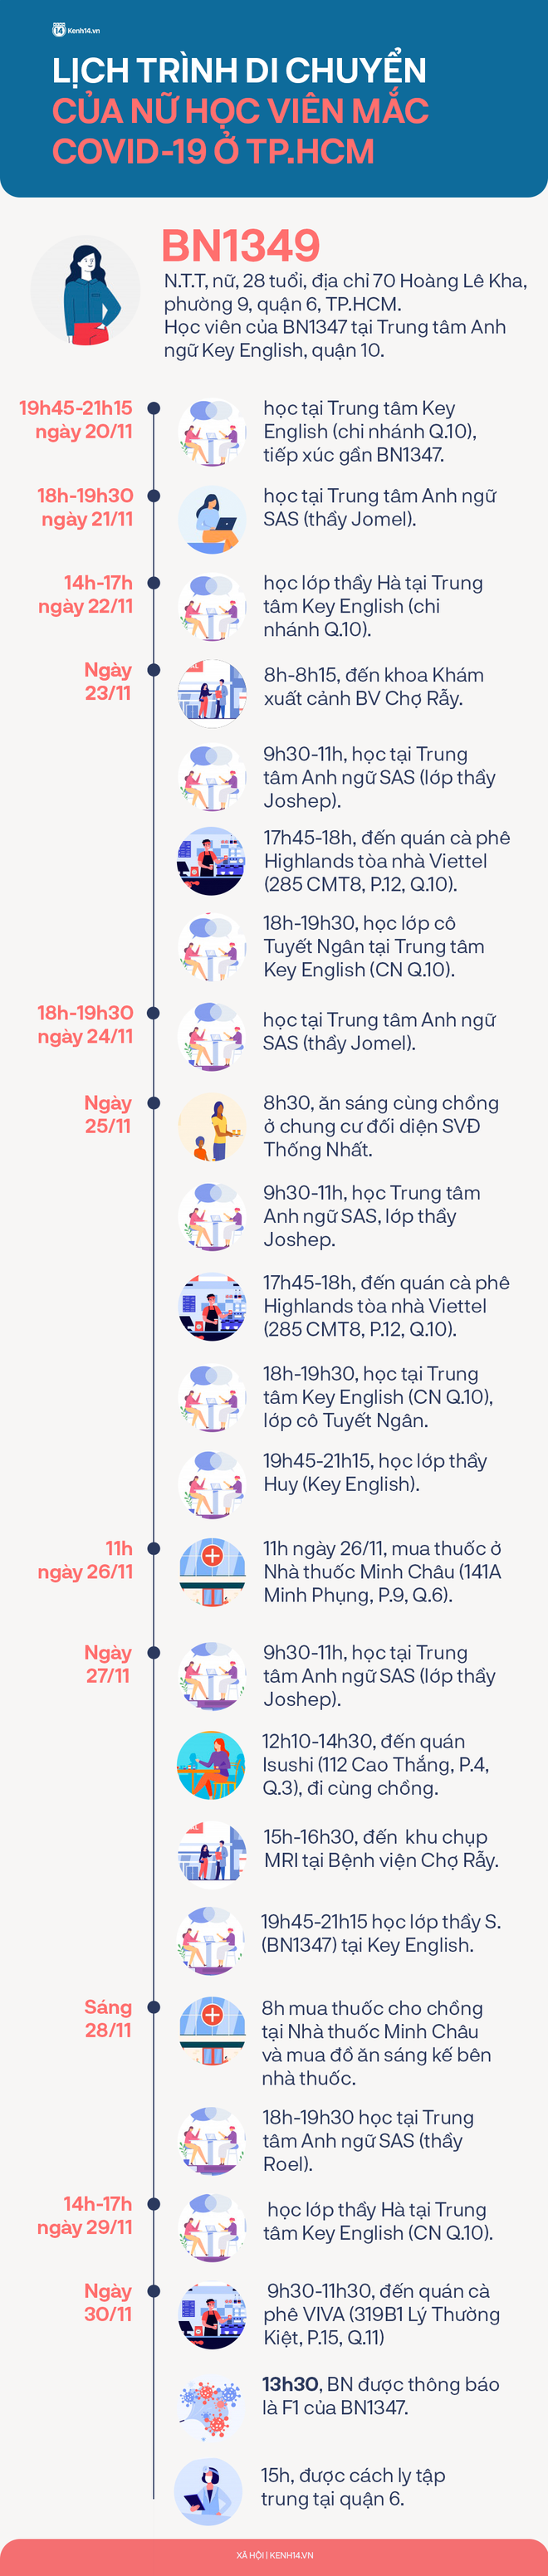 Infographic lịch trình dày đặc của nữ học viên mắc Covid-19 ở TP.HCM: 2 lần đến BV Chợ Rẫy, ghé nhiều địa điểm để ăn và uống cà phê - Ảnh 1.